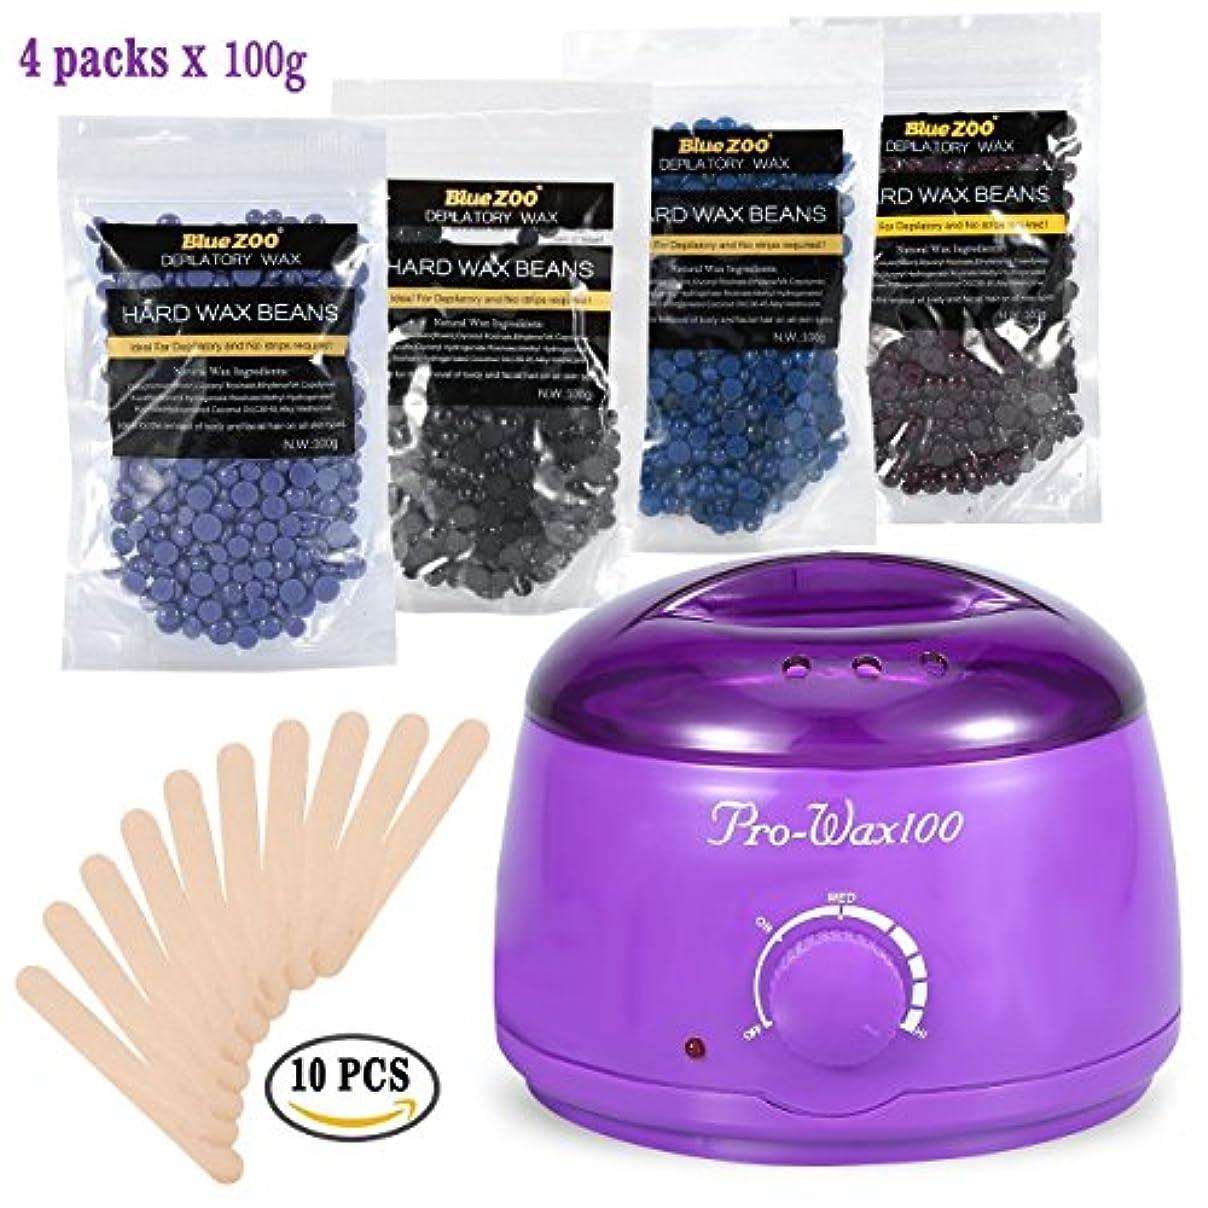 水リースキャンパスビキニボディ脱毛キットをワックスがけ、500ミリリットル電気ワックスヒーター(紫)ハードワックス豆と10木製のへら、ワックス豆の100Gバッグの異なる味の4種類 (1)